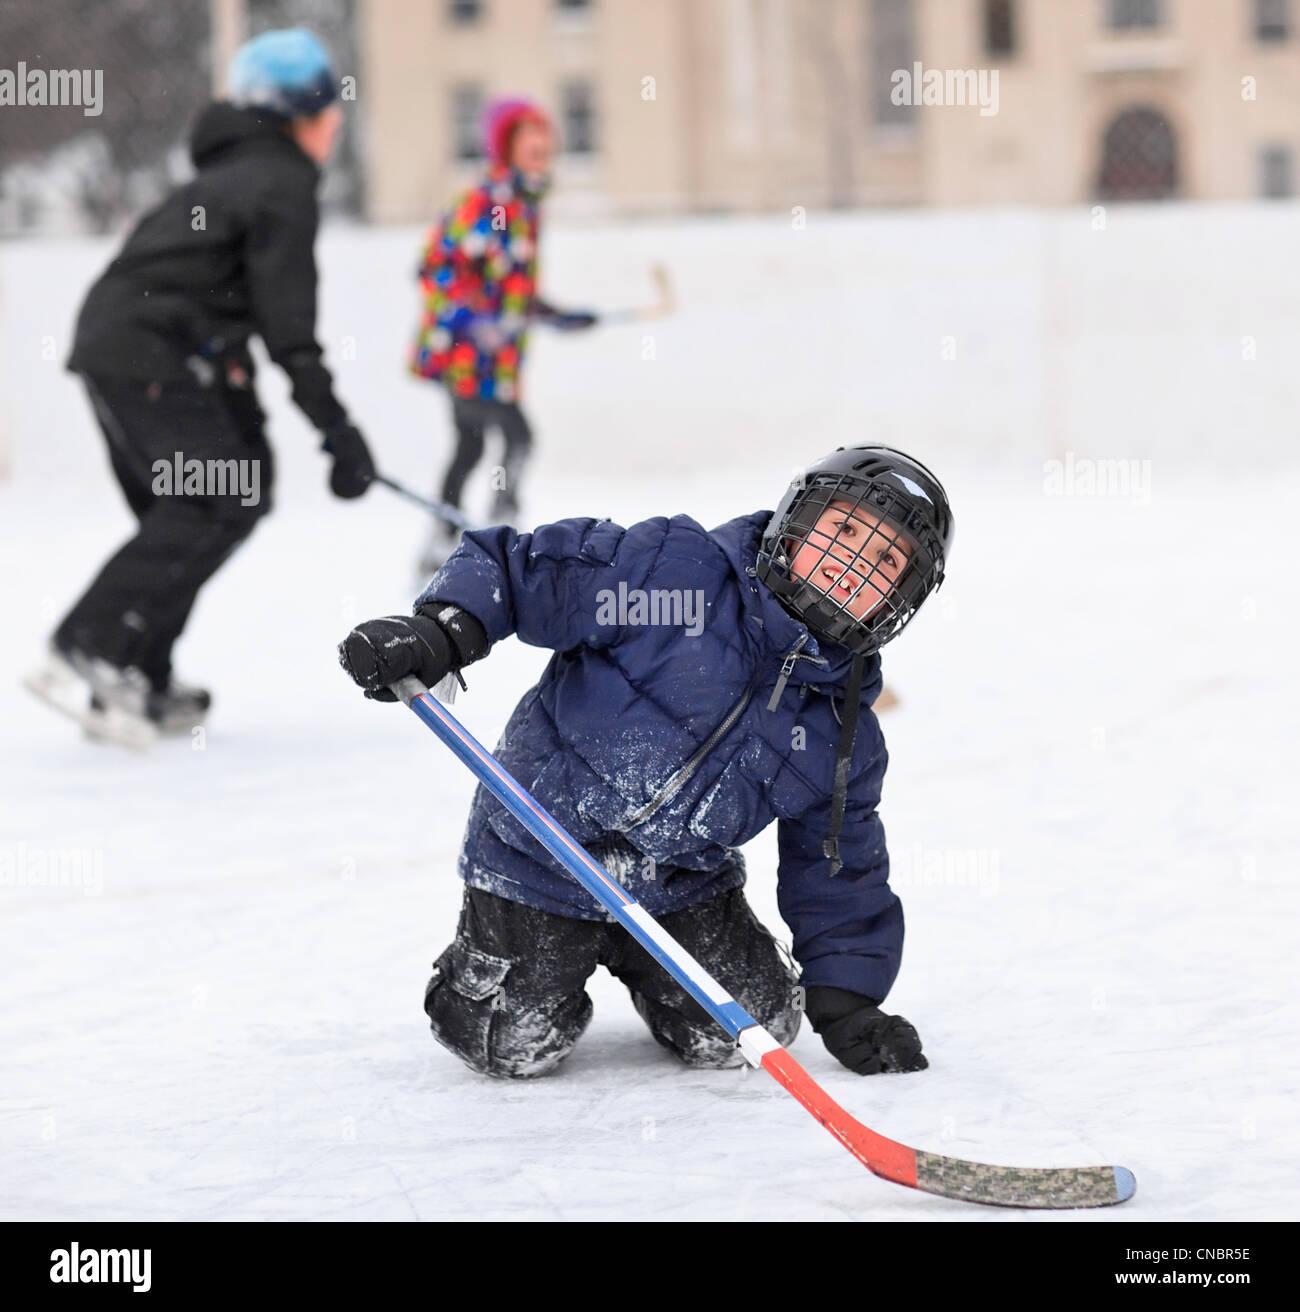 Los muchachos jugando hockey sobre hielo en una pista de patinaje al aire libre, Winnipeg, Manitoba, Canadá Imagen De Stock